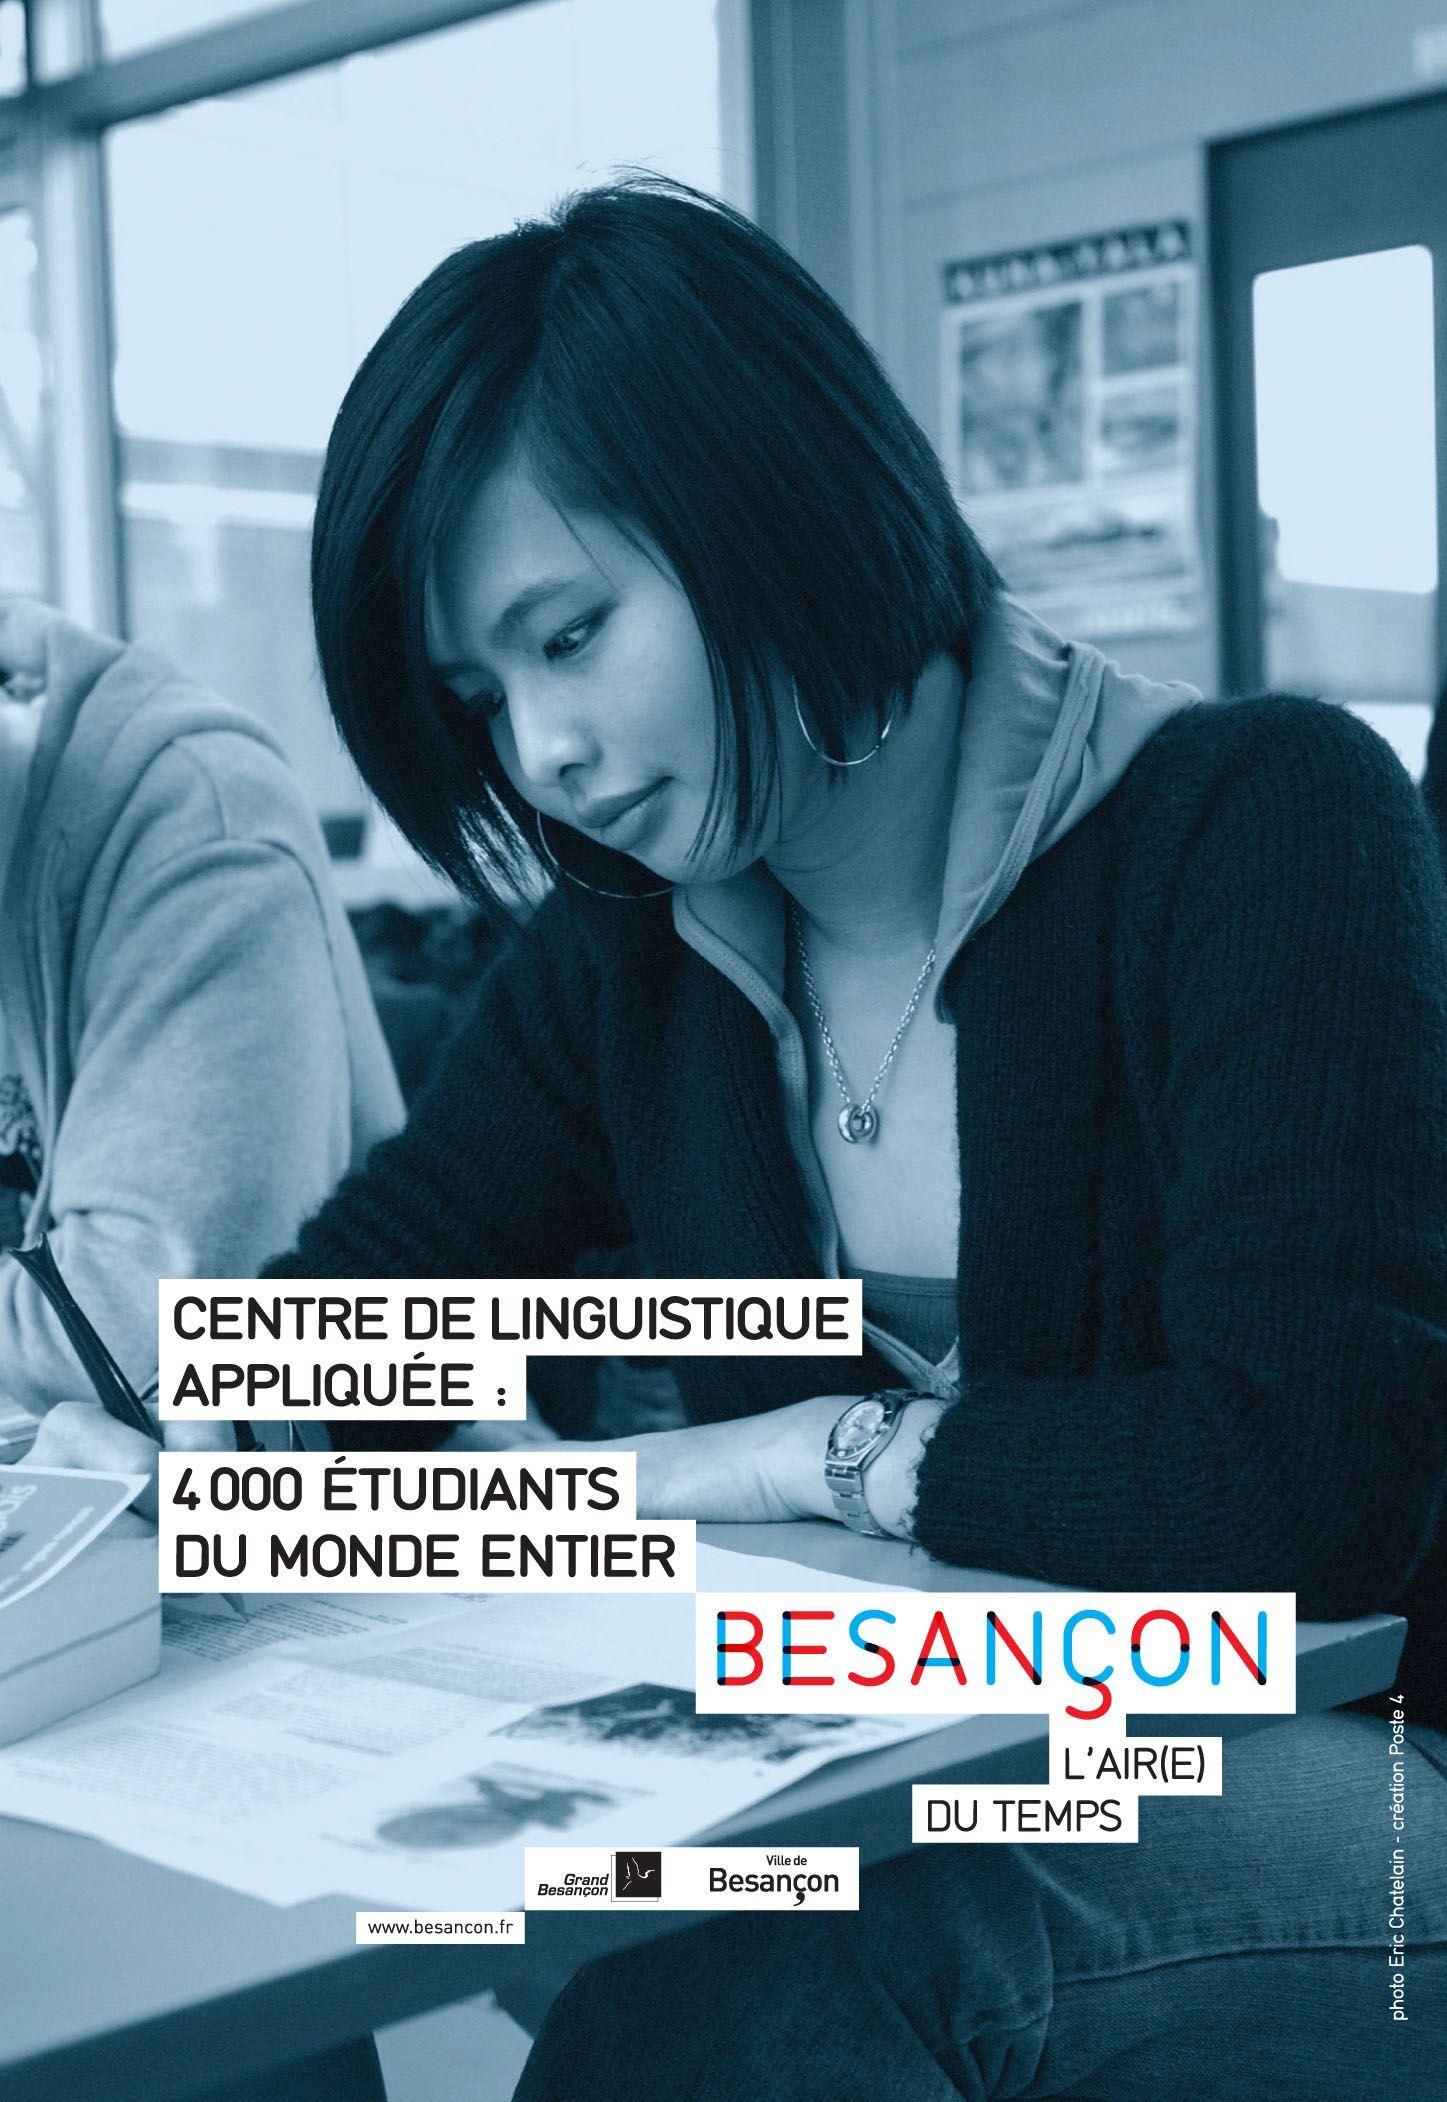 Besancon 4 000 Etudiants Du Monde Entier Etudiant Le Monde Public